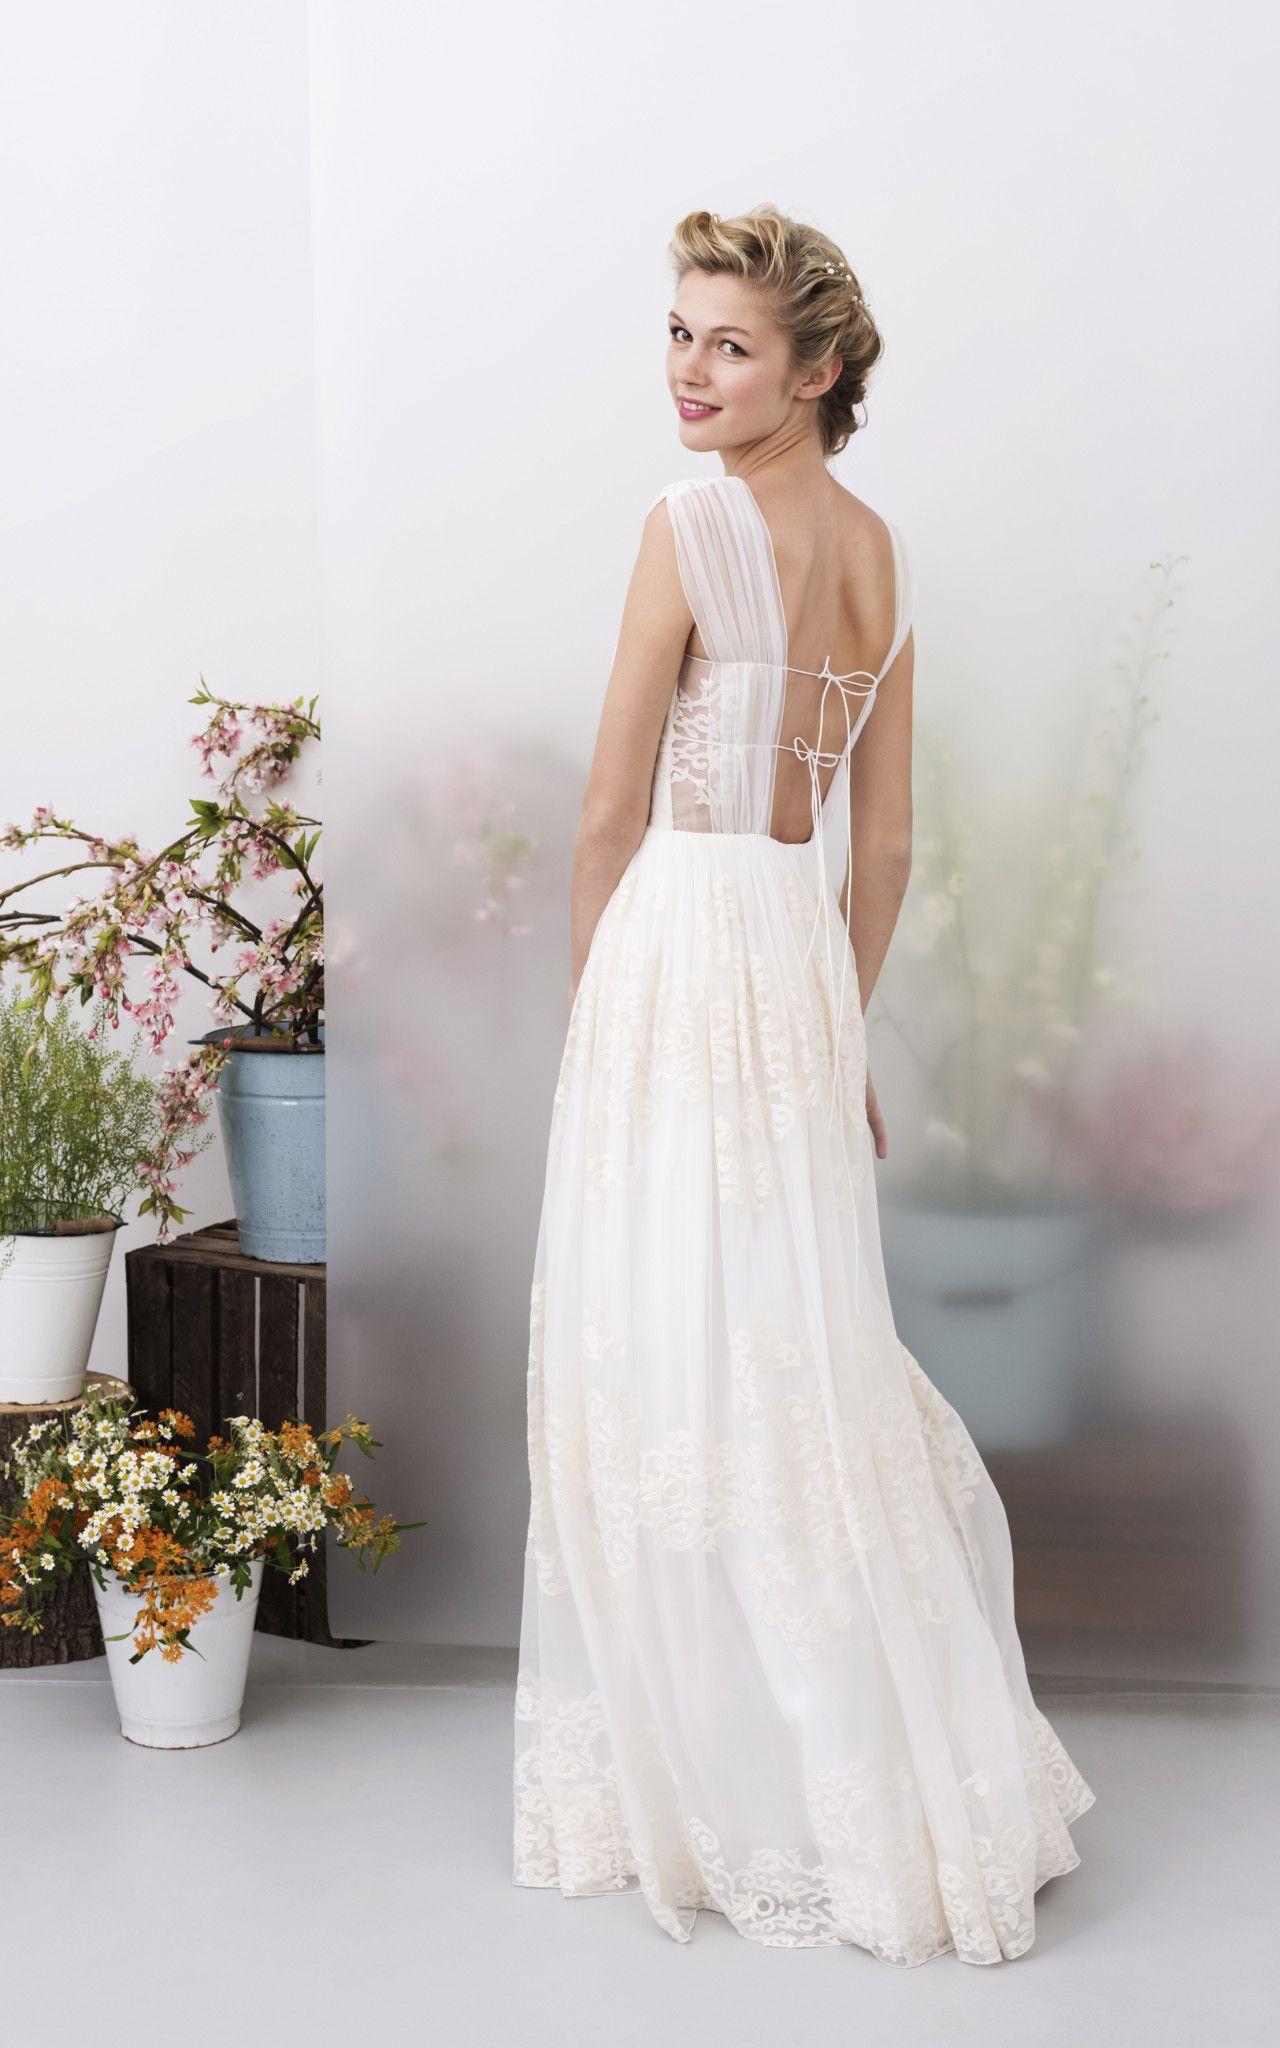 Traumhaft junge Hochzeitskleider aus reiner Seide entwirft die ...